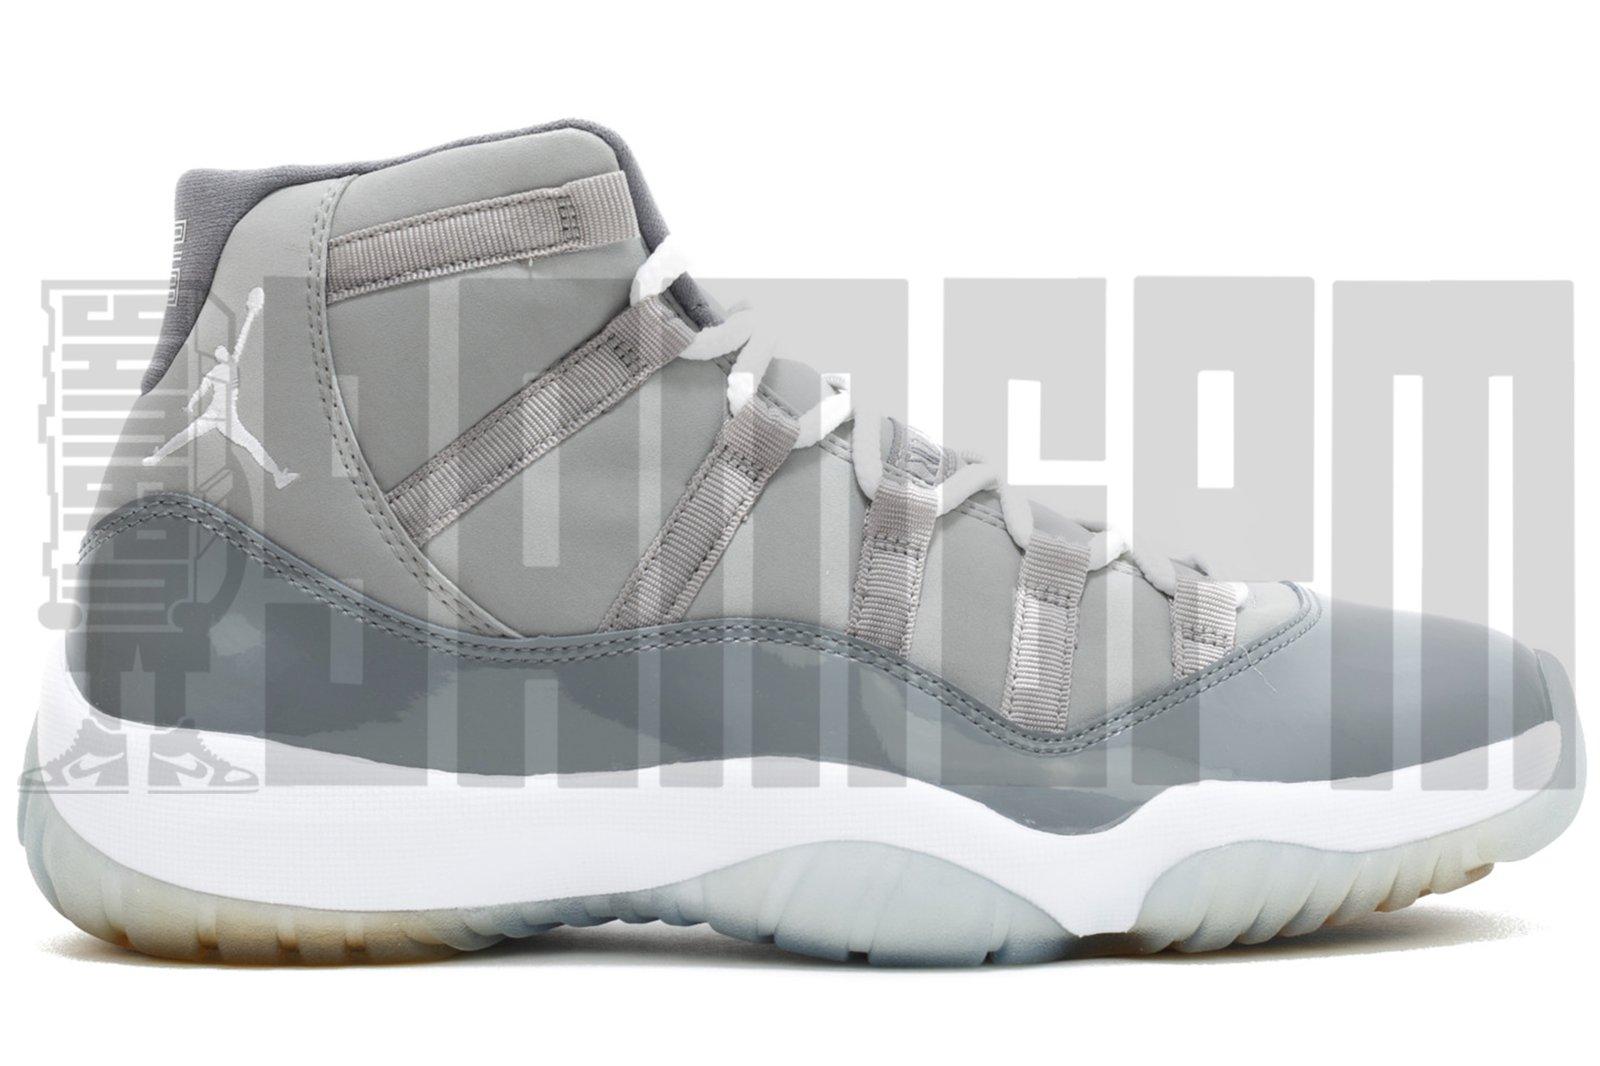 eb5ba0a3e5bc Nike AIR JORDAN 11 RETRO